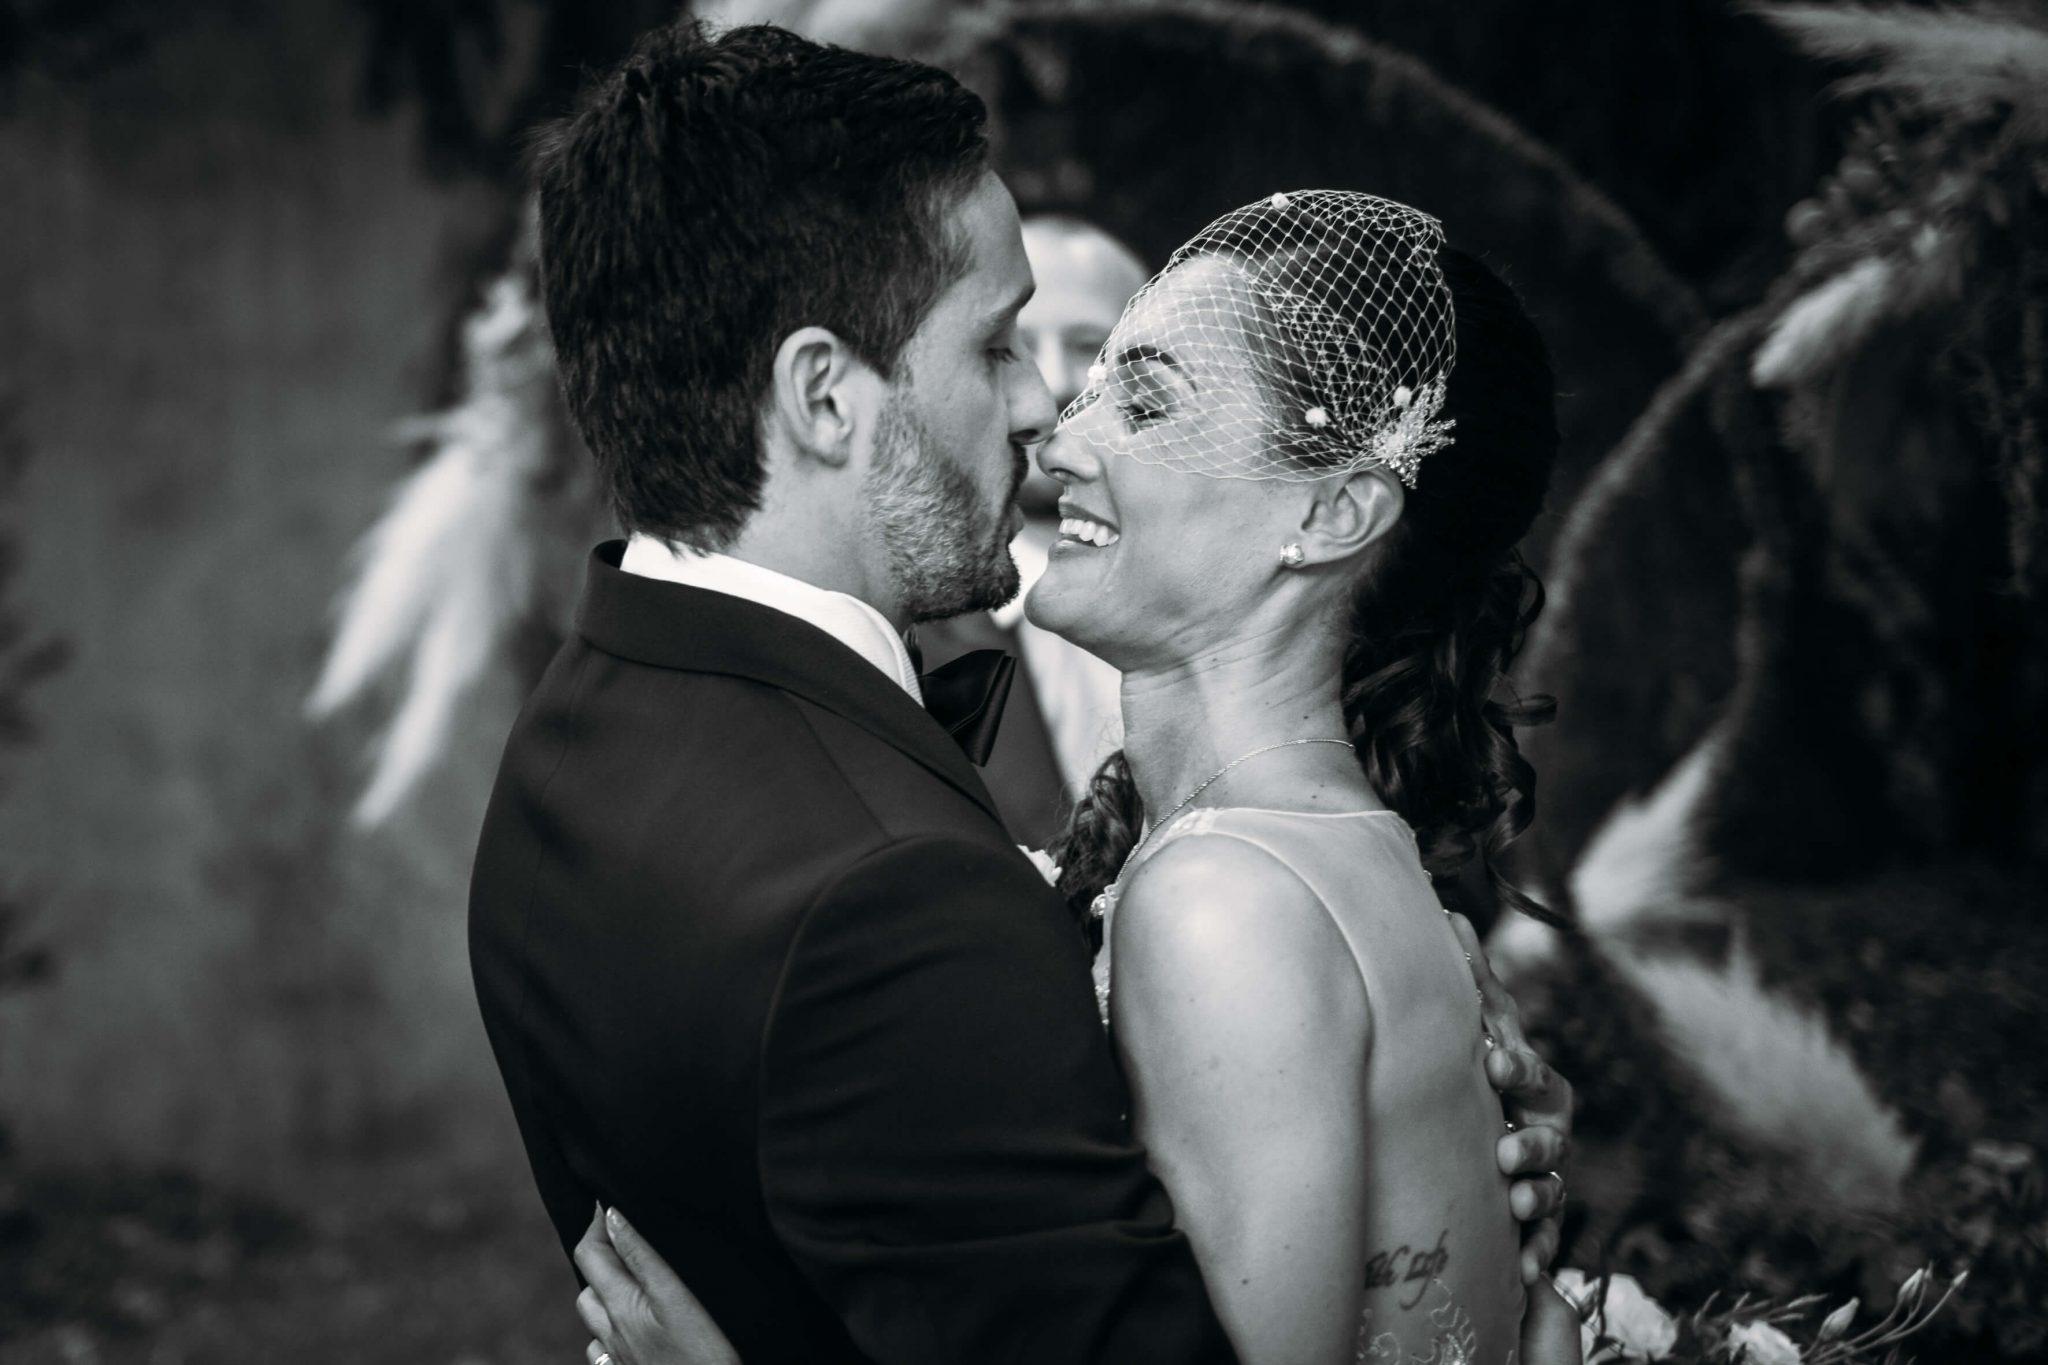 gli sposi si abbracciano e si scambiano dolci sguardi e sorrisi